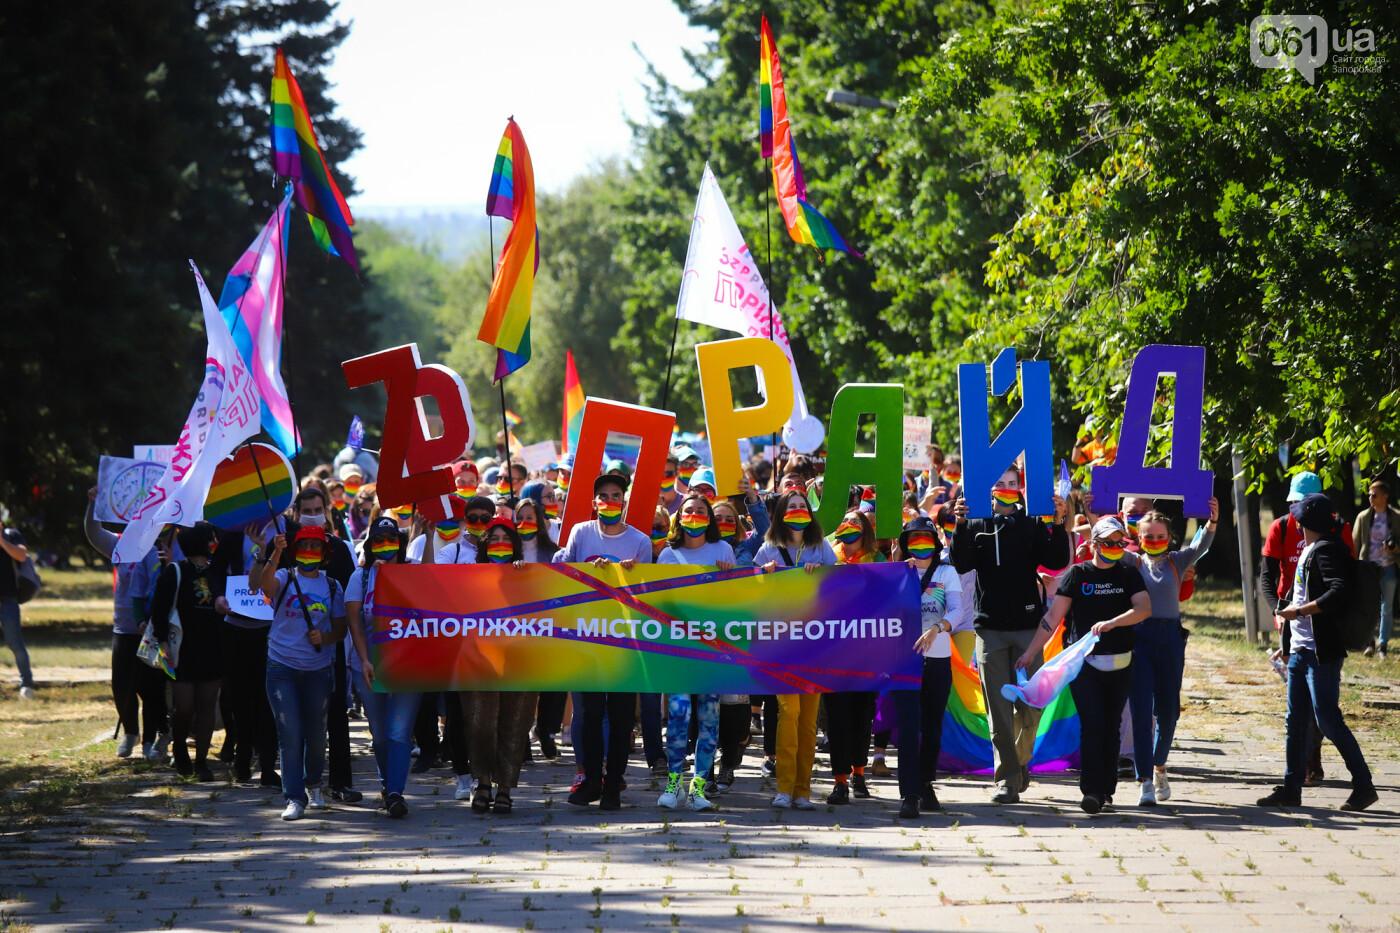 ЛГБТ-прайд, эко-митинг и восстановленные скульптуры в сквере Пионеров: сентябрь в фотографиях , фото-111